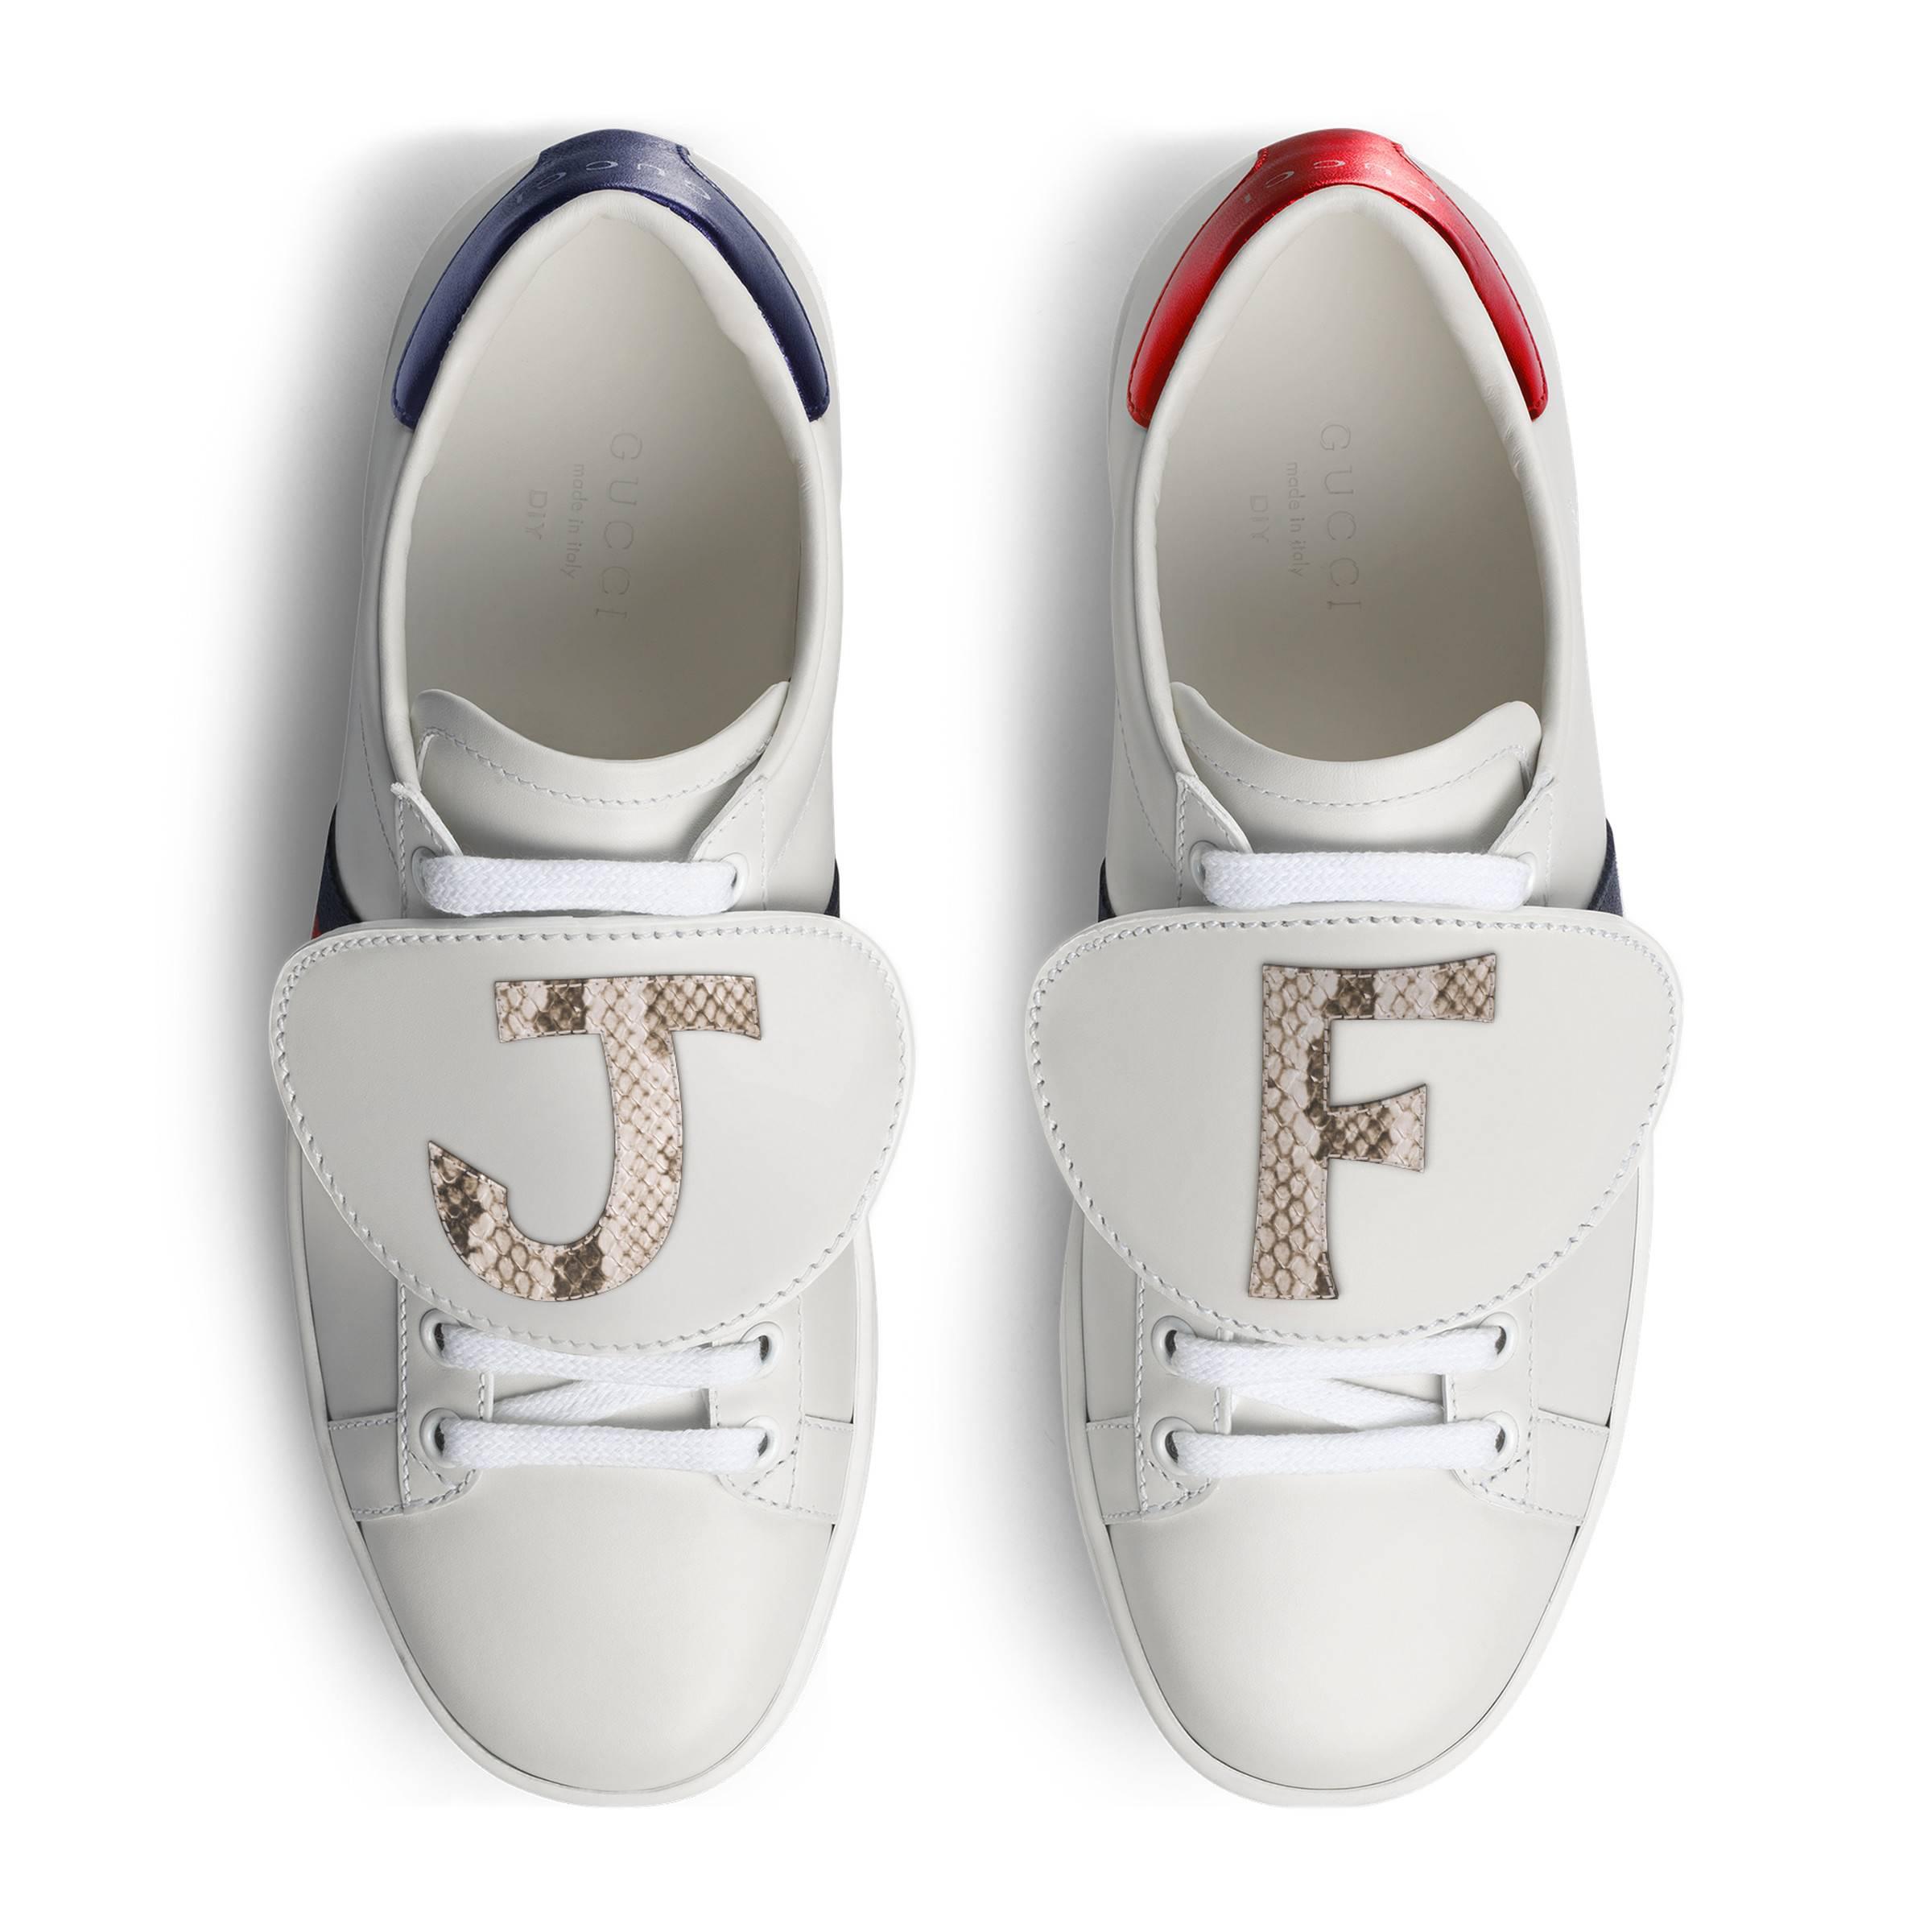 e405b9c7318 Gucci Diy Women s Ace Sneaker - Lyst